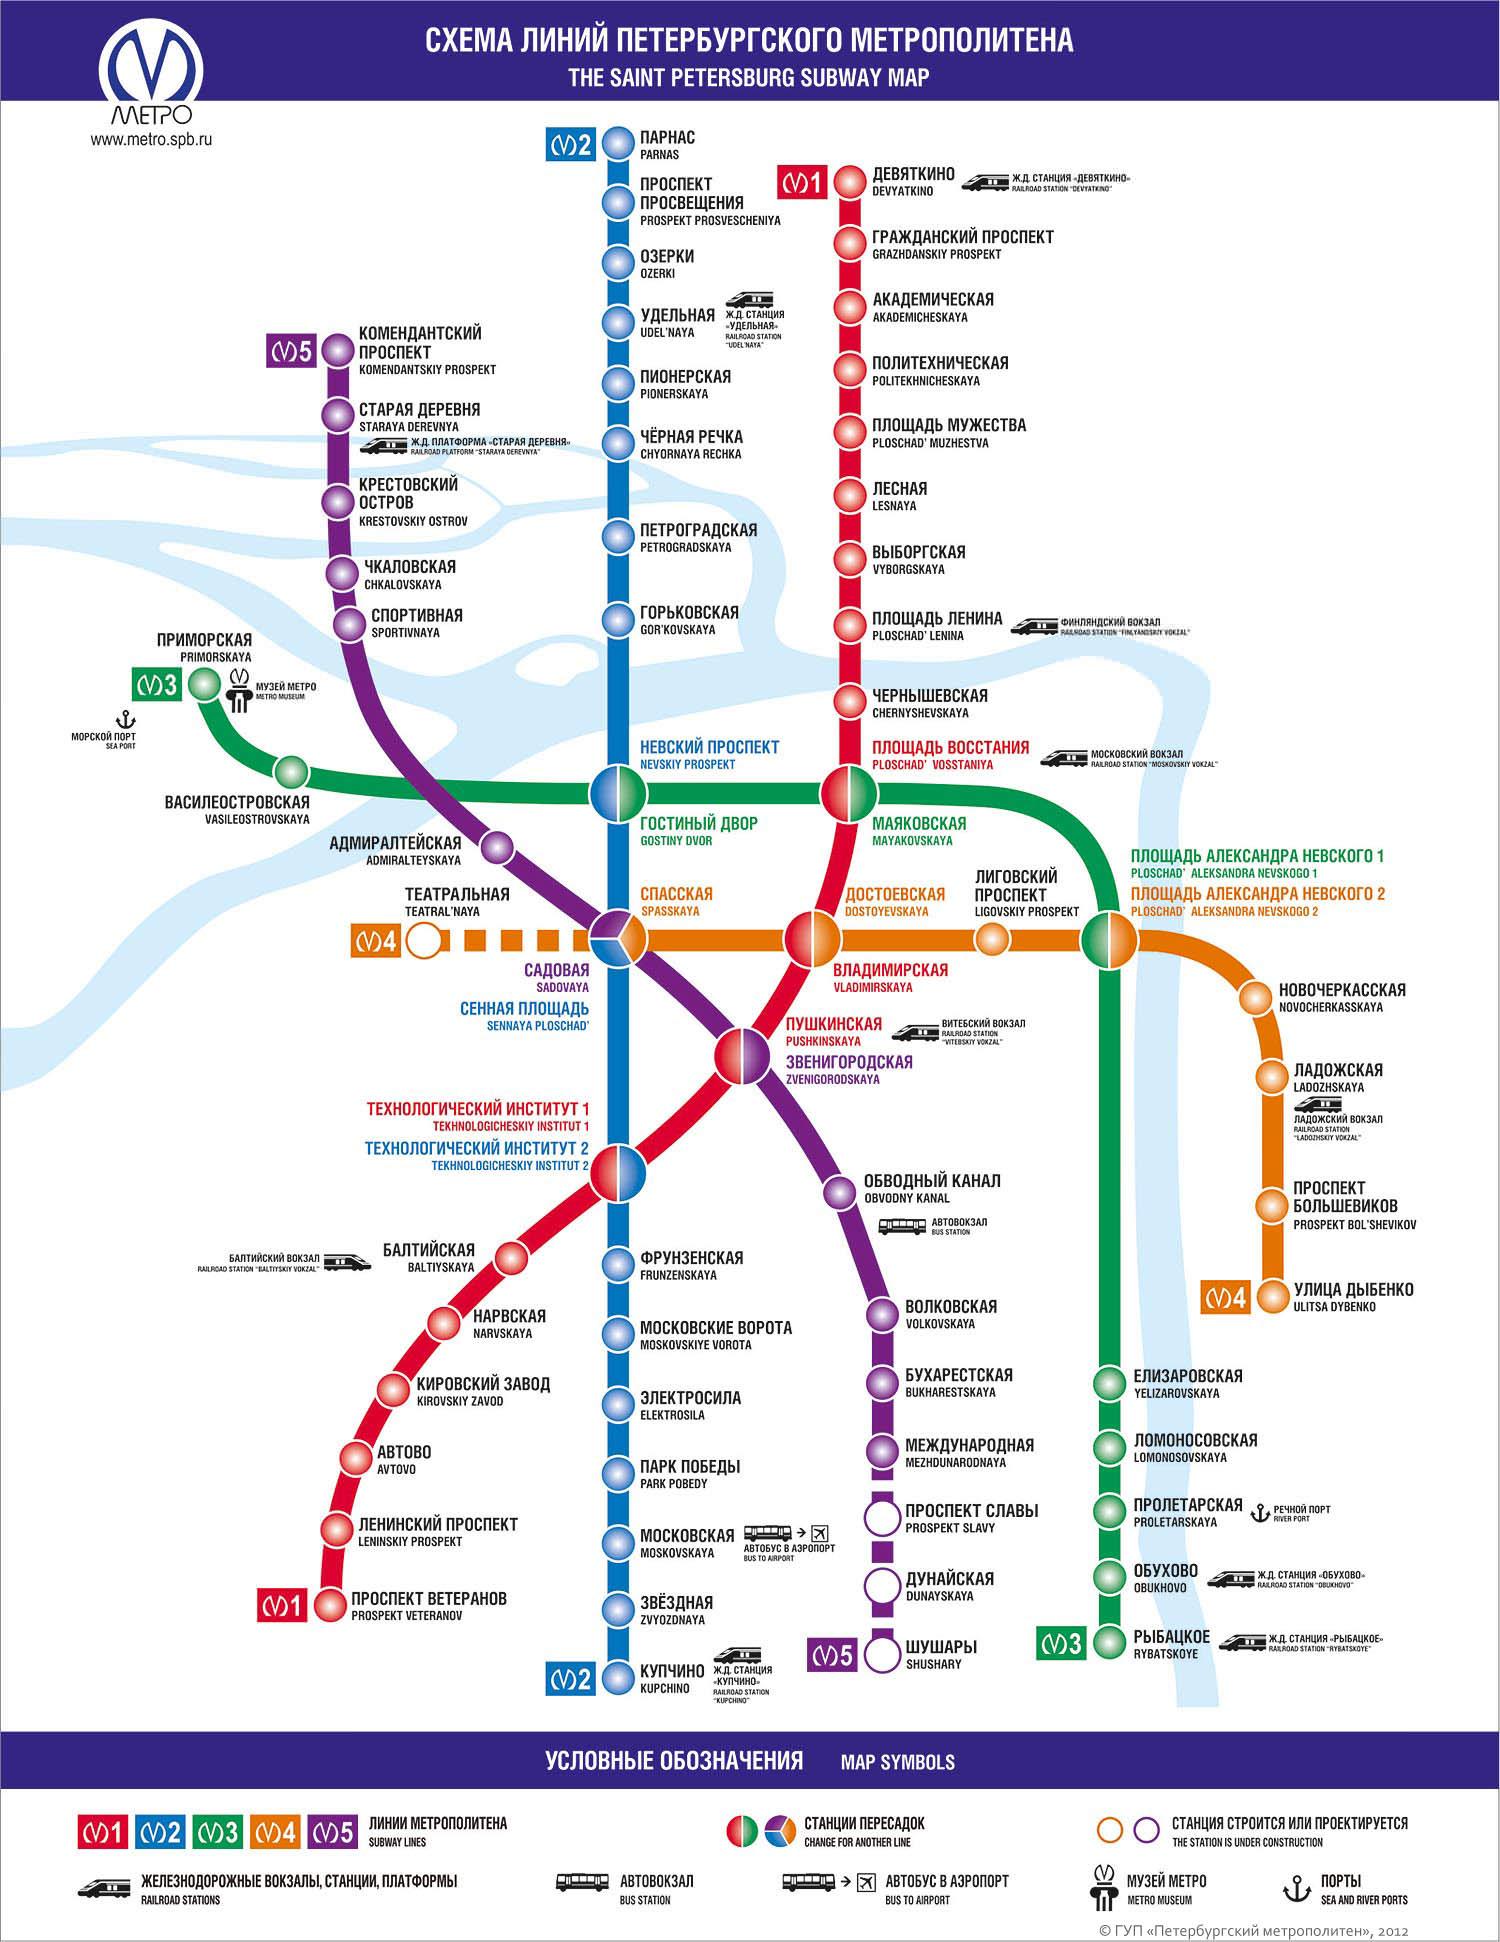 Проектируемая схема метро санкт петербурга фото 321